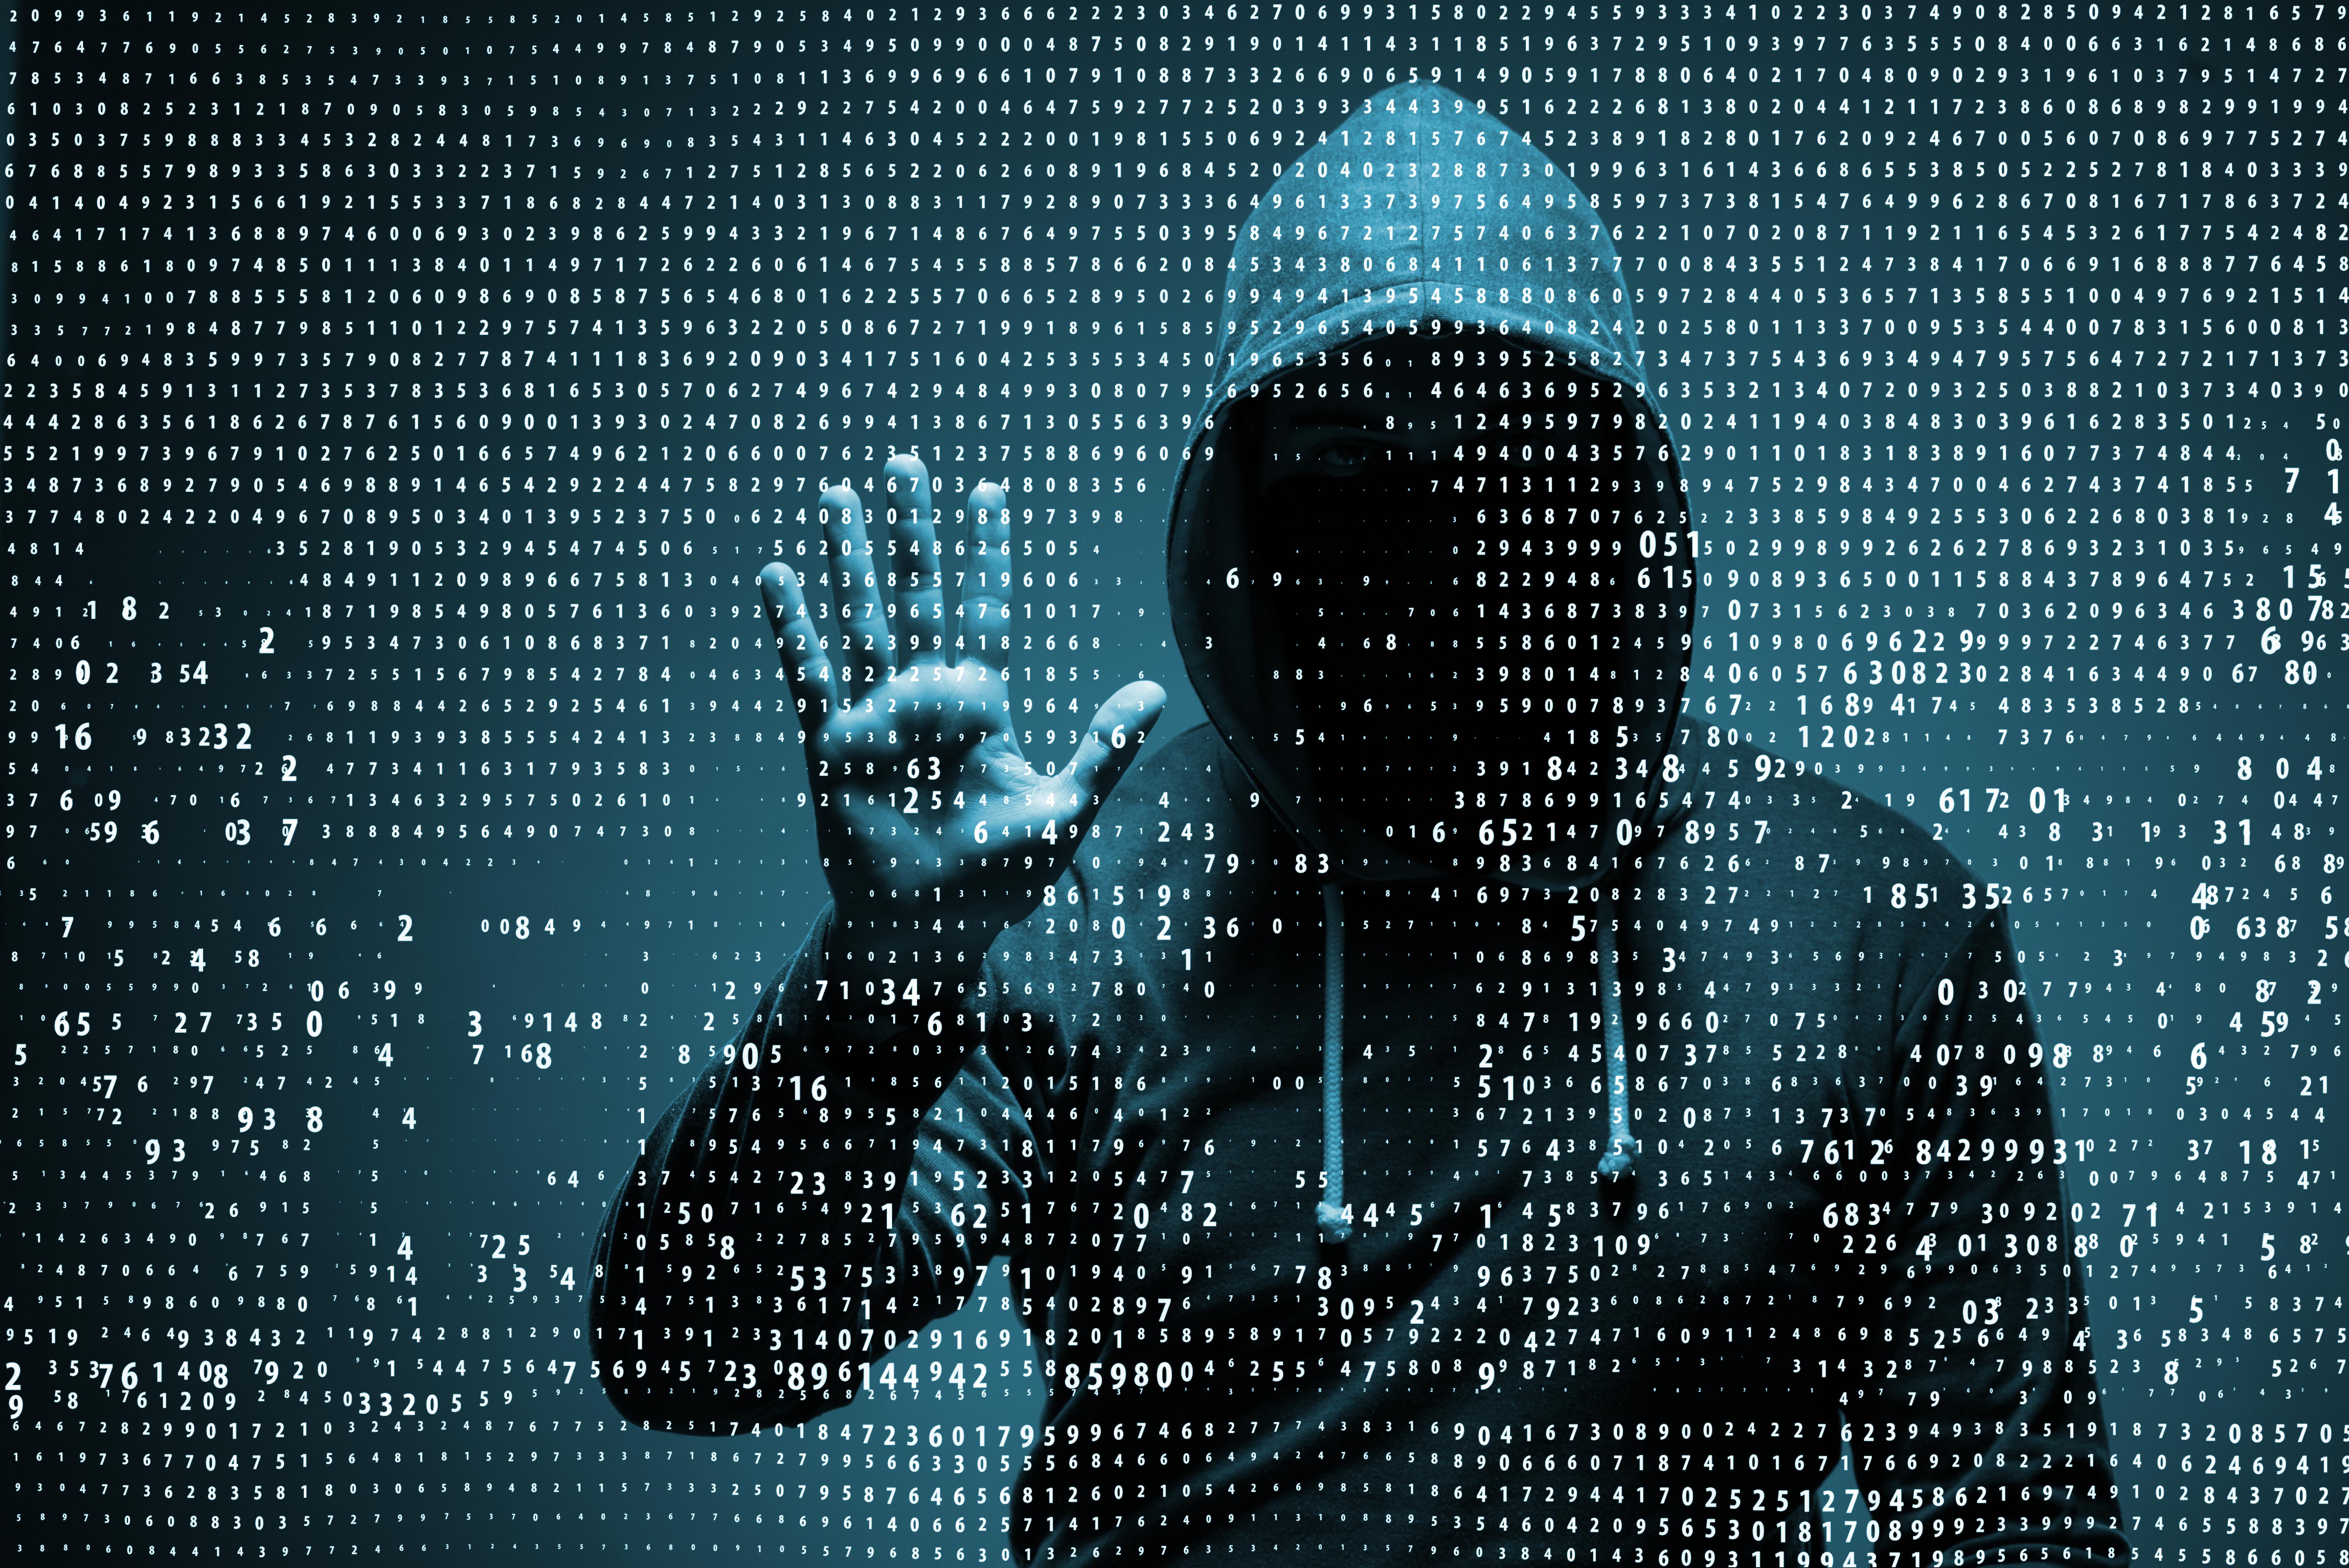 Największym problemem, z jakim Polska będzie musiała sobie poradzić, jest brak specjalistów ds. cyberbezpieczeństwa. (Fot. Shutterstock)